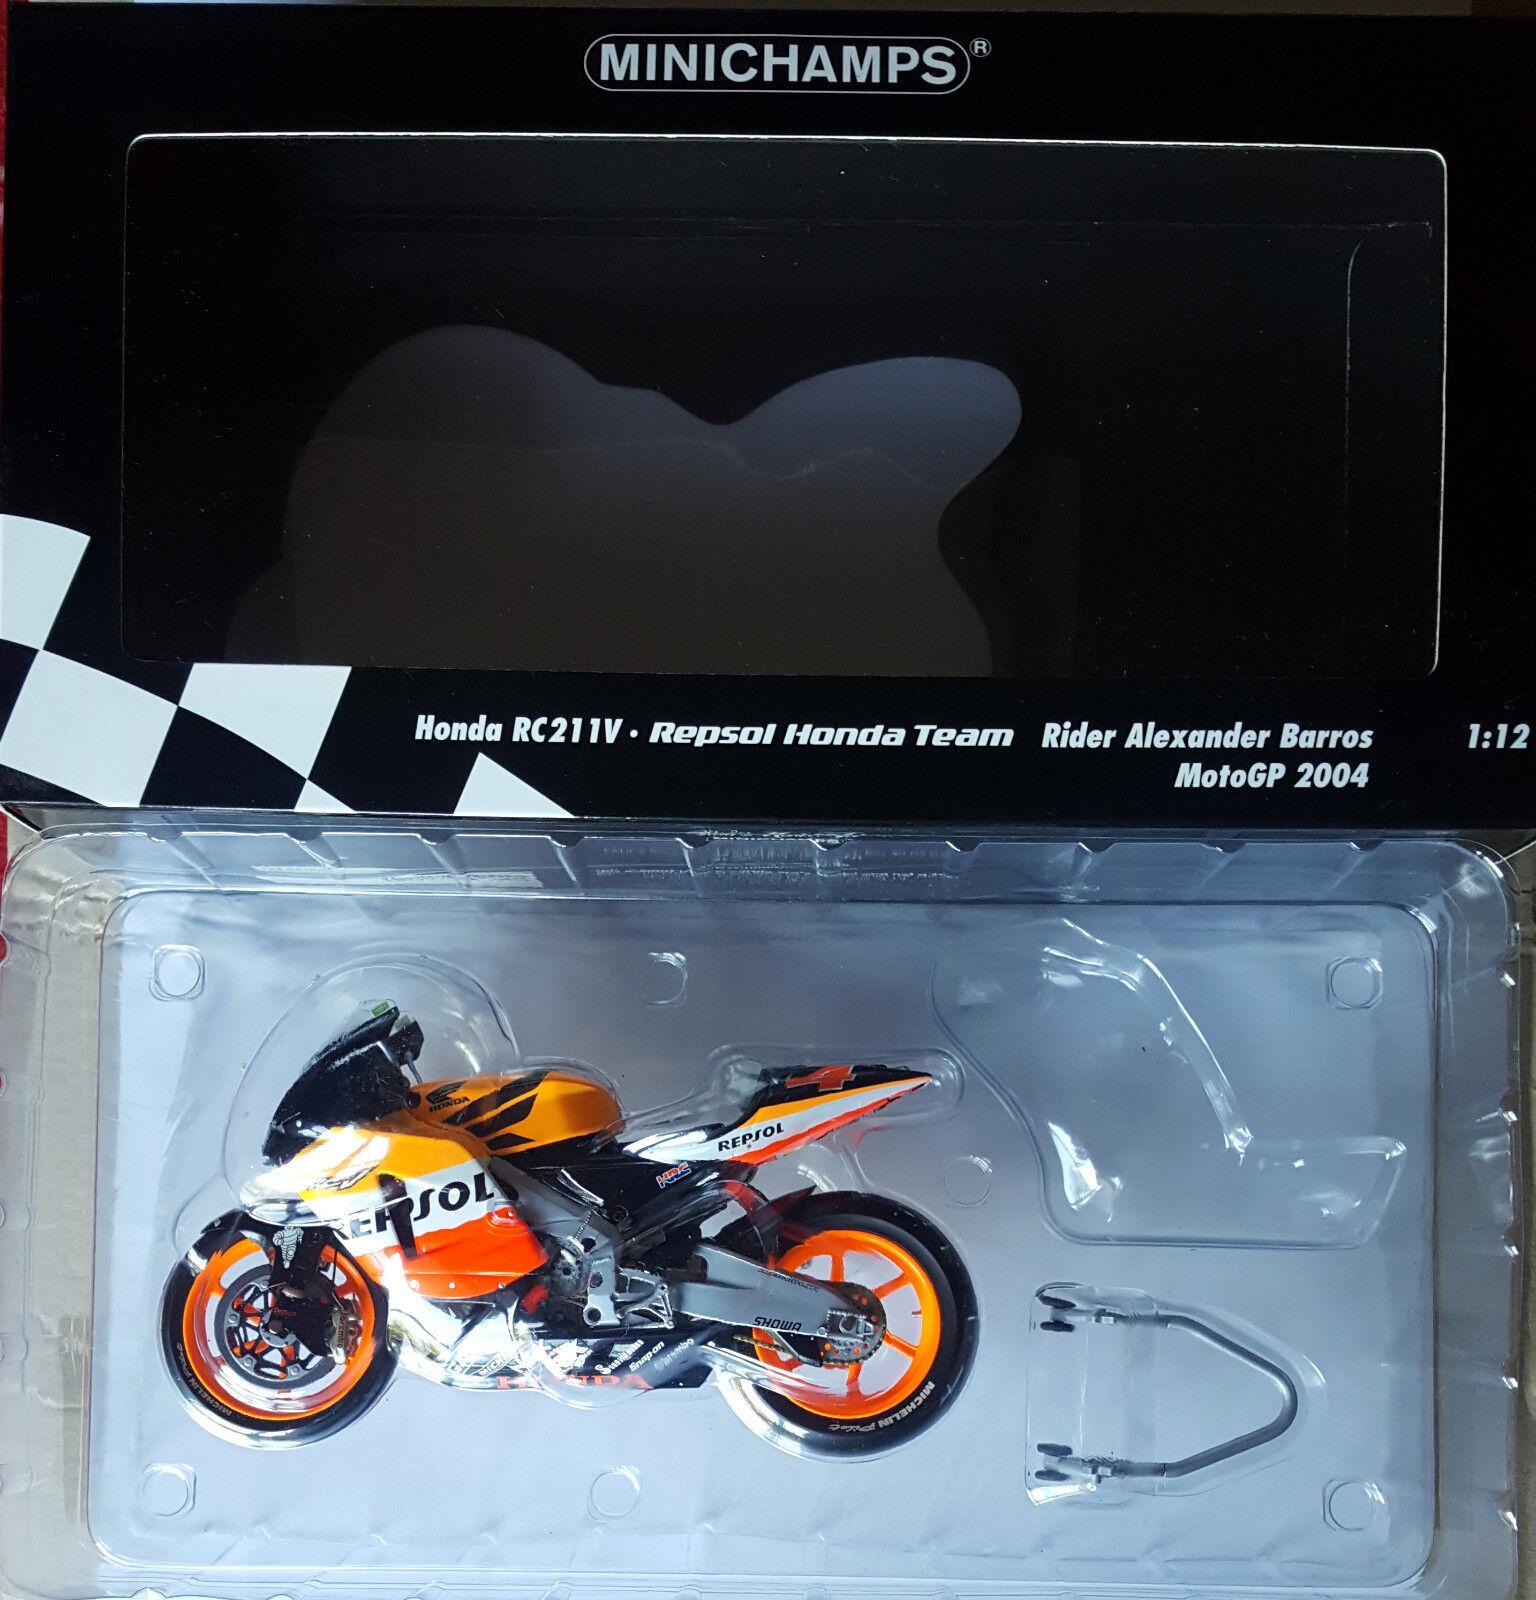 MINICHAMPS  ALEXANDER BARROS RC211V REPSOL HONDA TEAM MOTOGP 2004 1 12